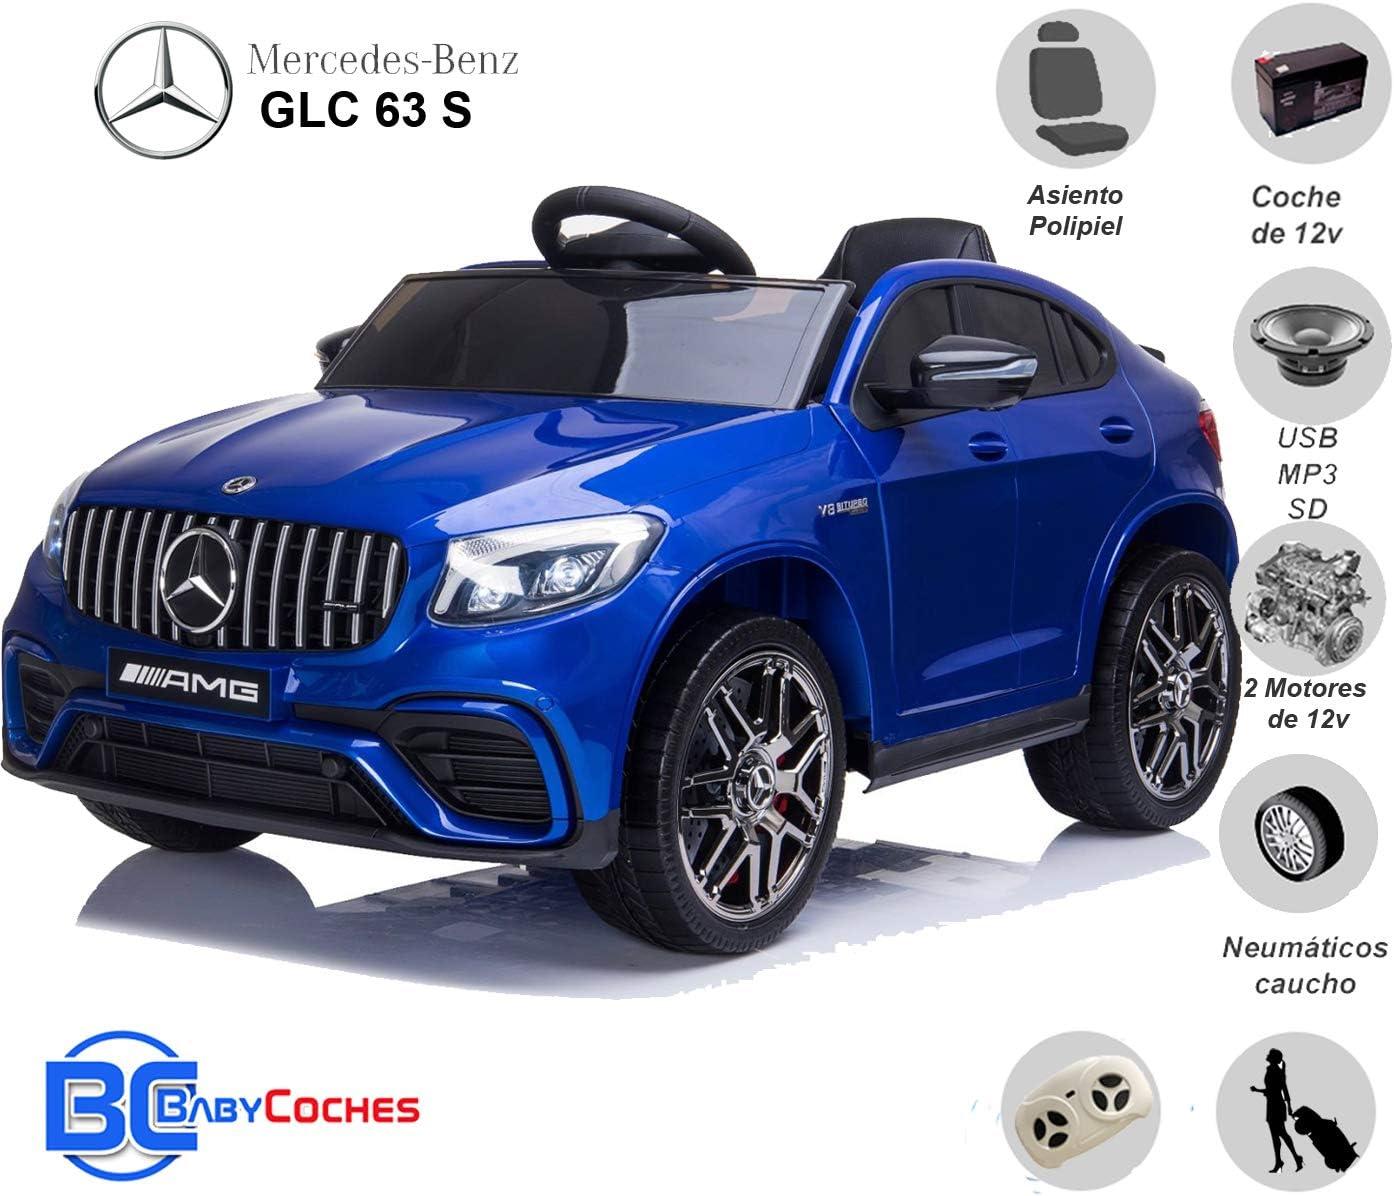 BC BABY COCHES Mercedes GLC 63S - Coche eléctrico para niños con BATERÍA 12v con Ruedas Caucho y Asiento Polipiel, Mando a Distancia (Azul): Amazon.es: Juguetes y juegos